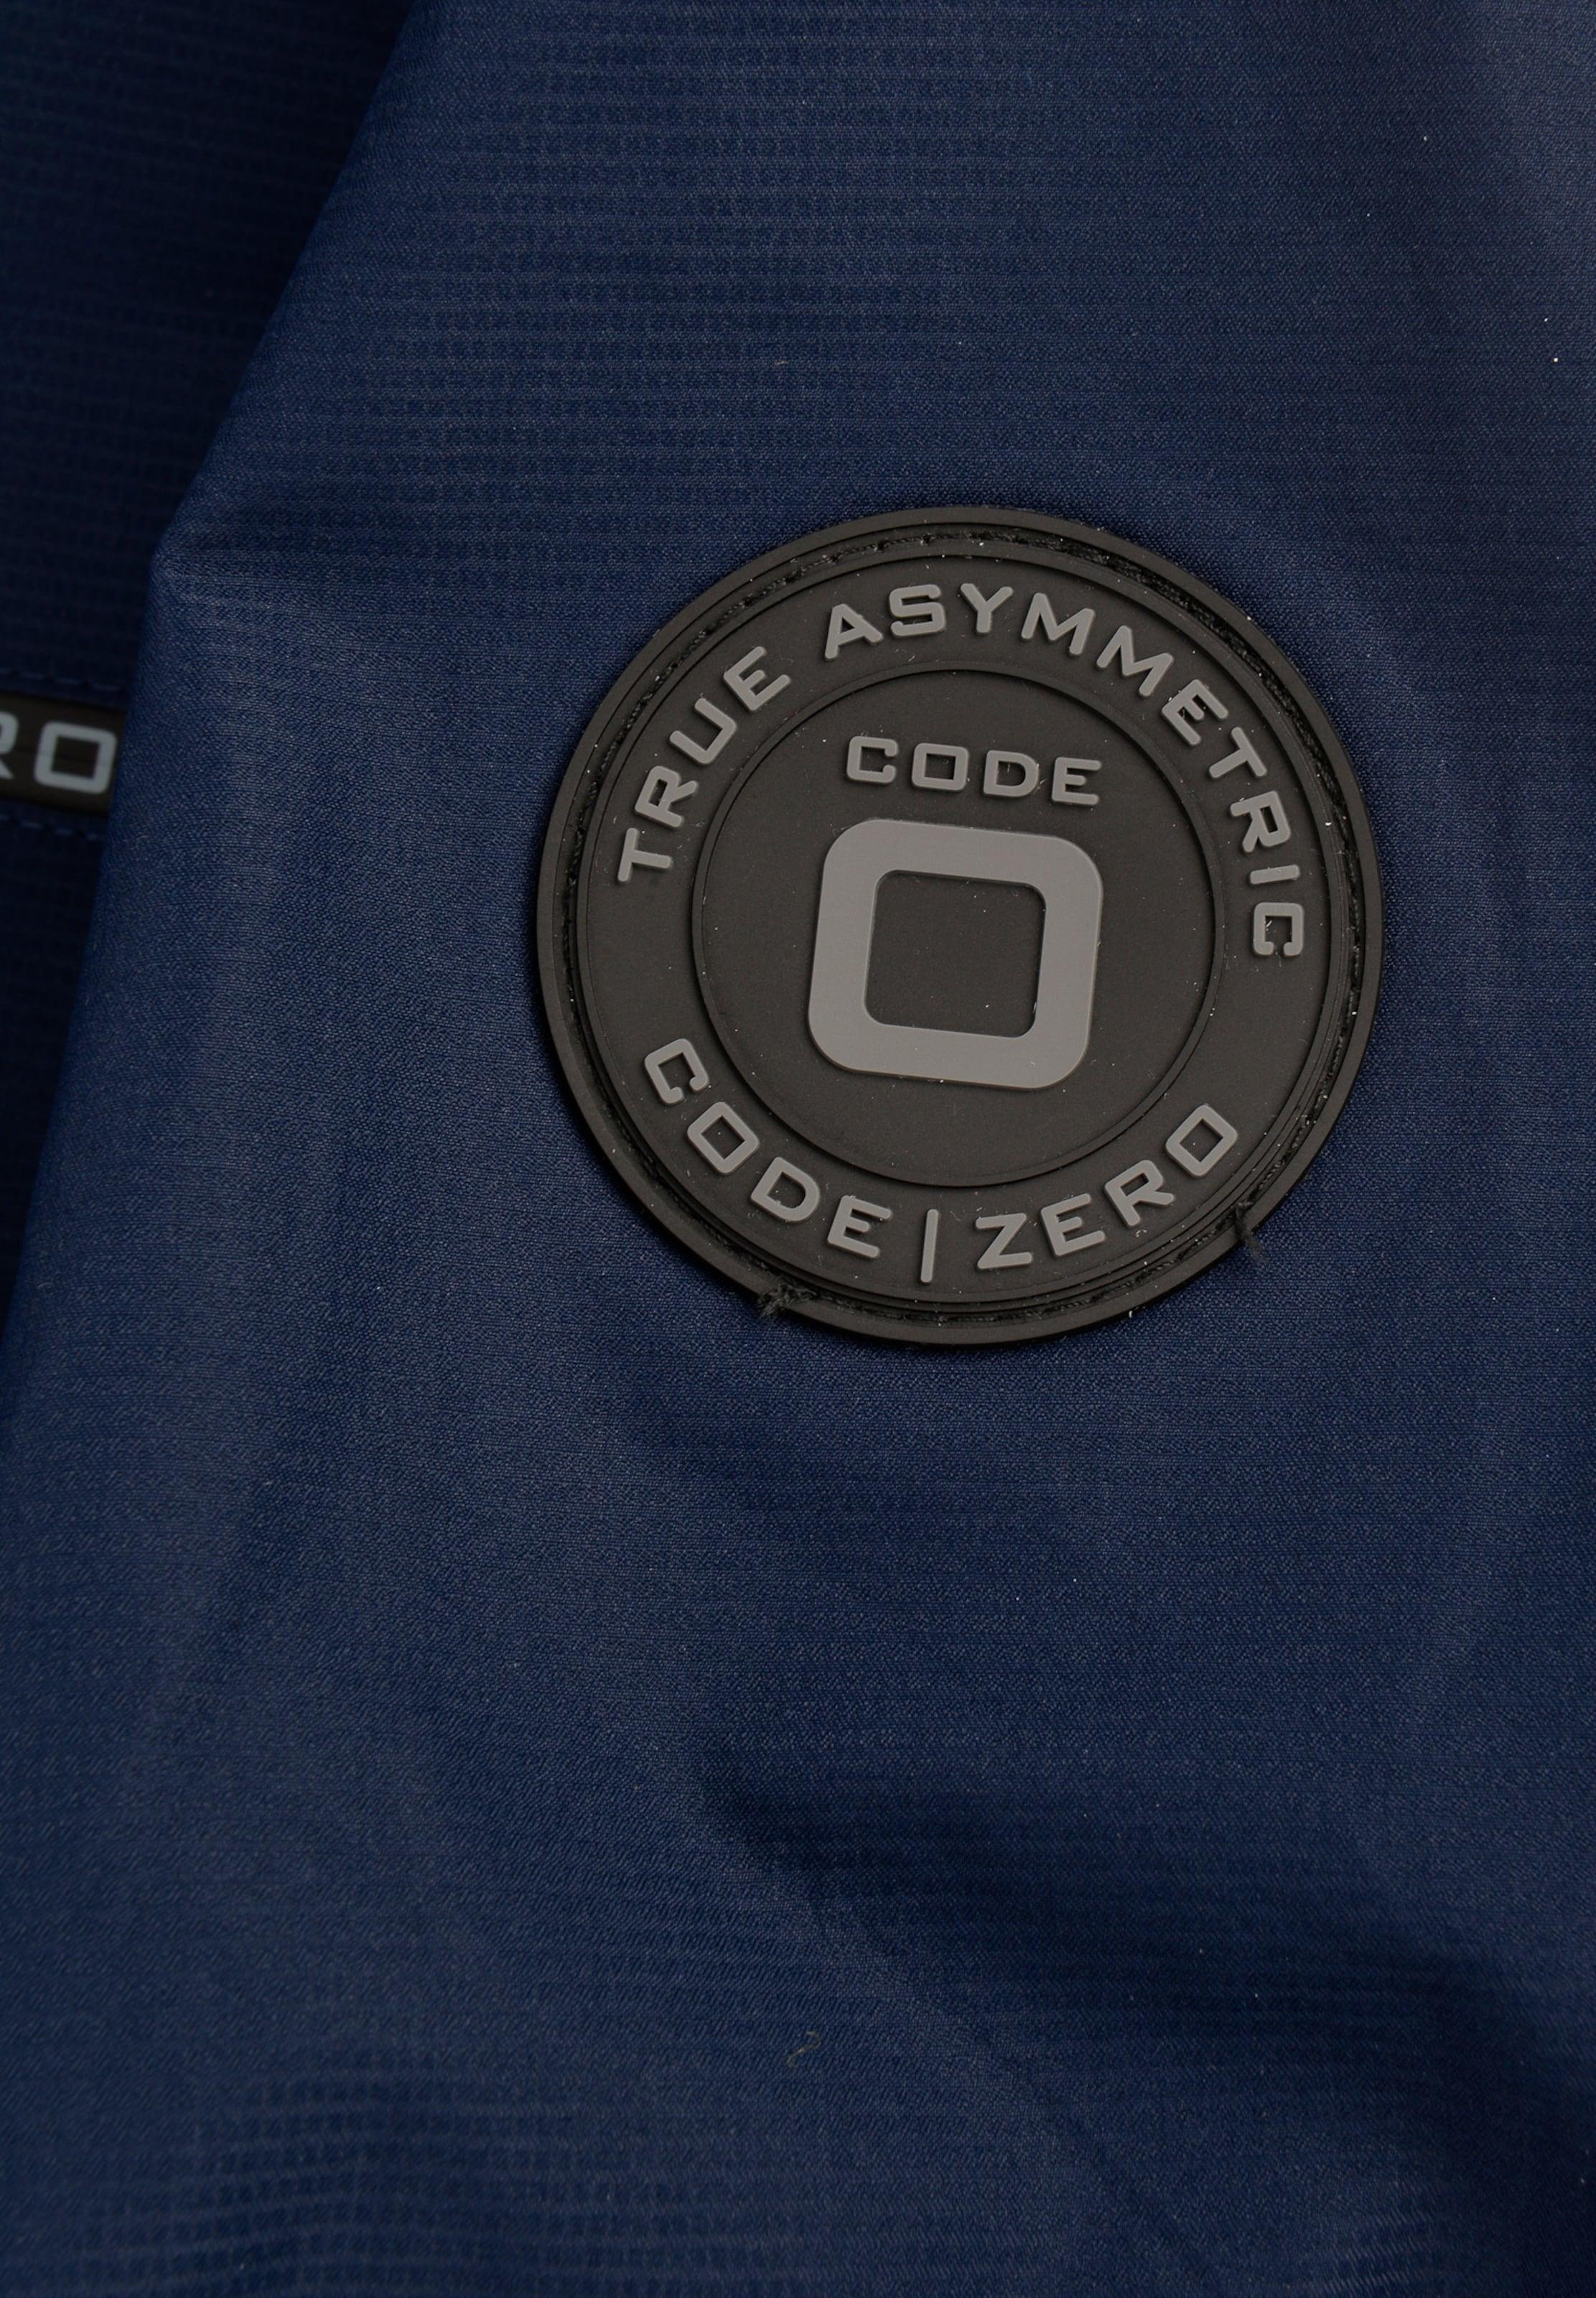 In Outdoorjacke 'waypoint' zero Code Navy v0m8Nnw